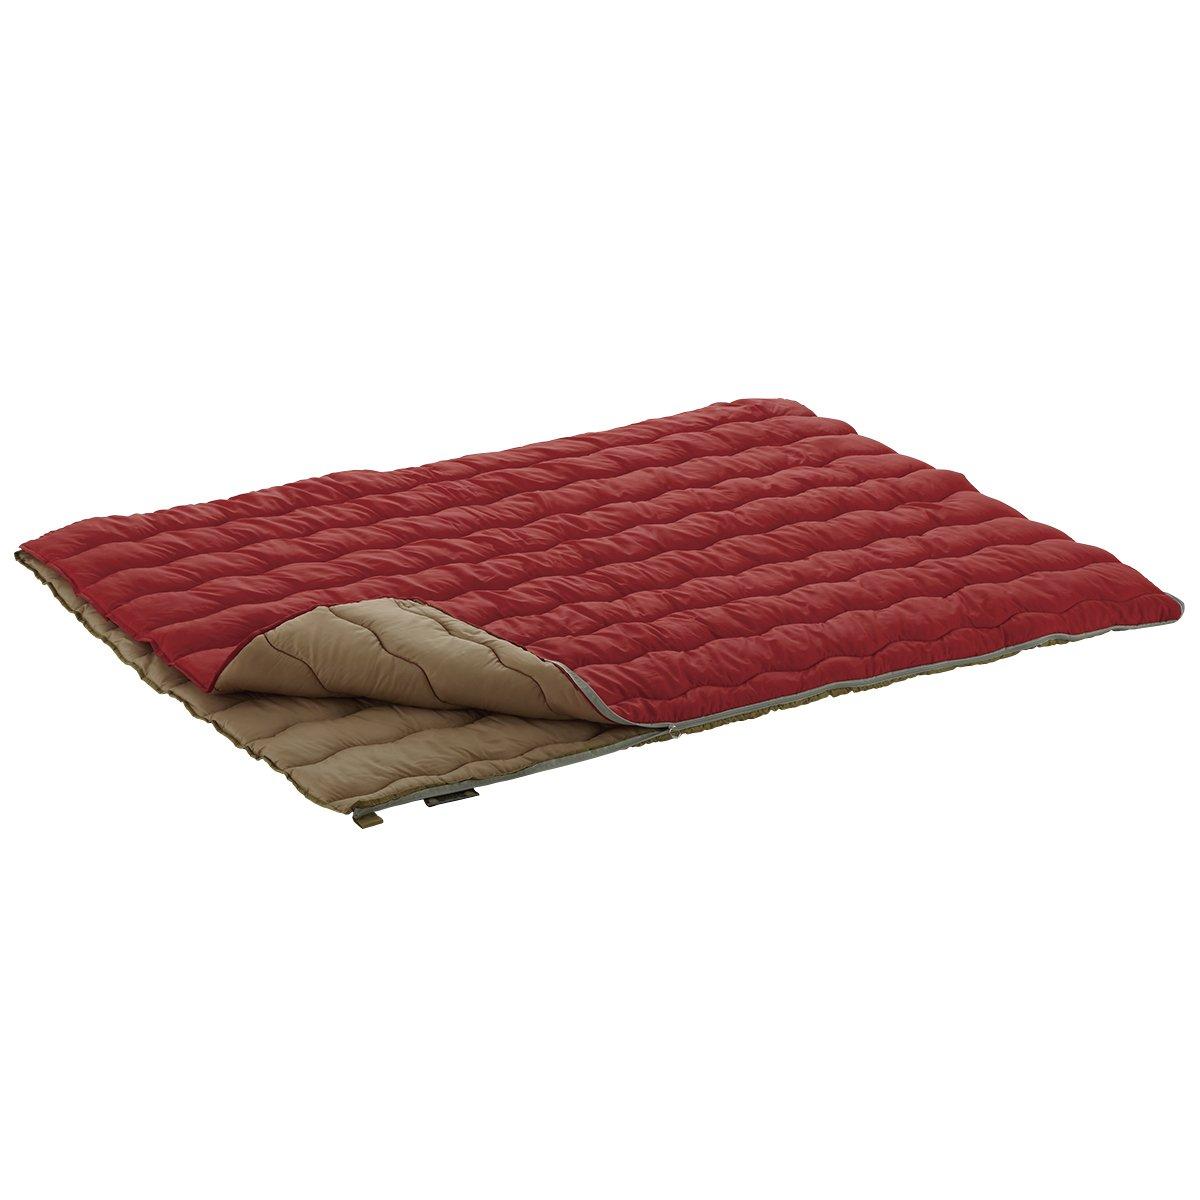 ロゴス 寝袋 2in1・Wサイズ丸洗い寝袋